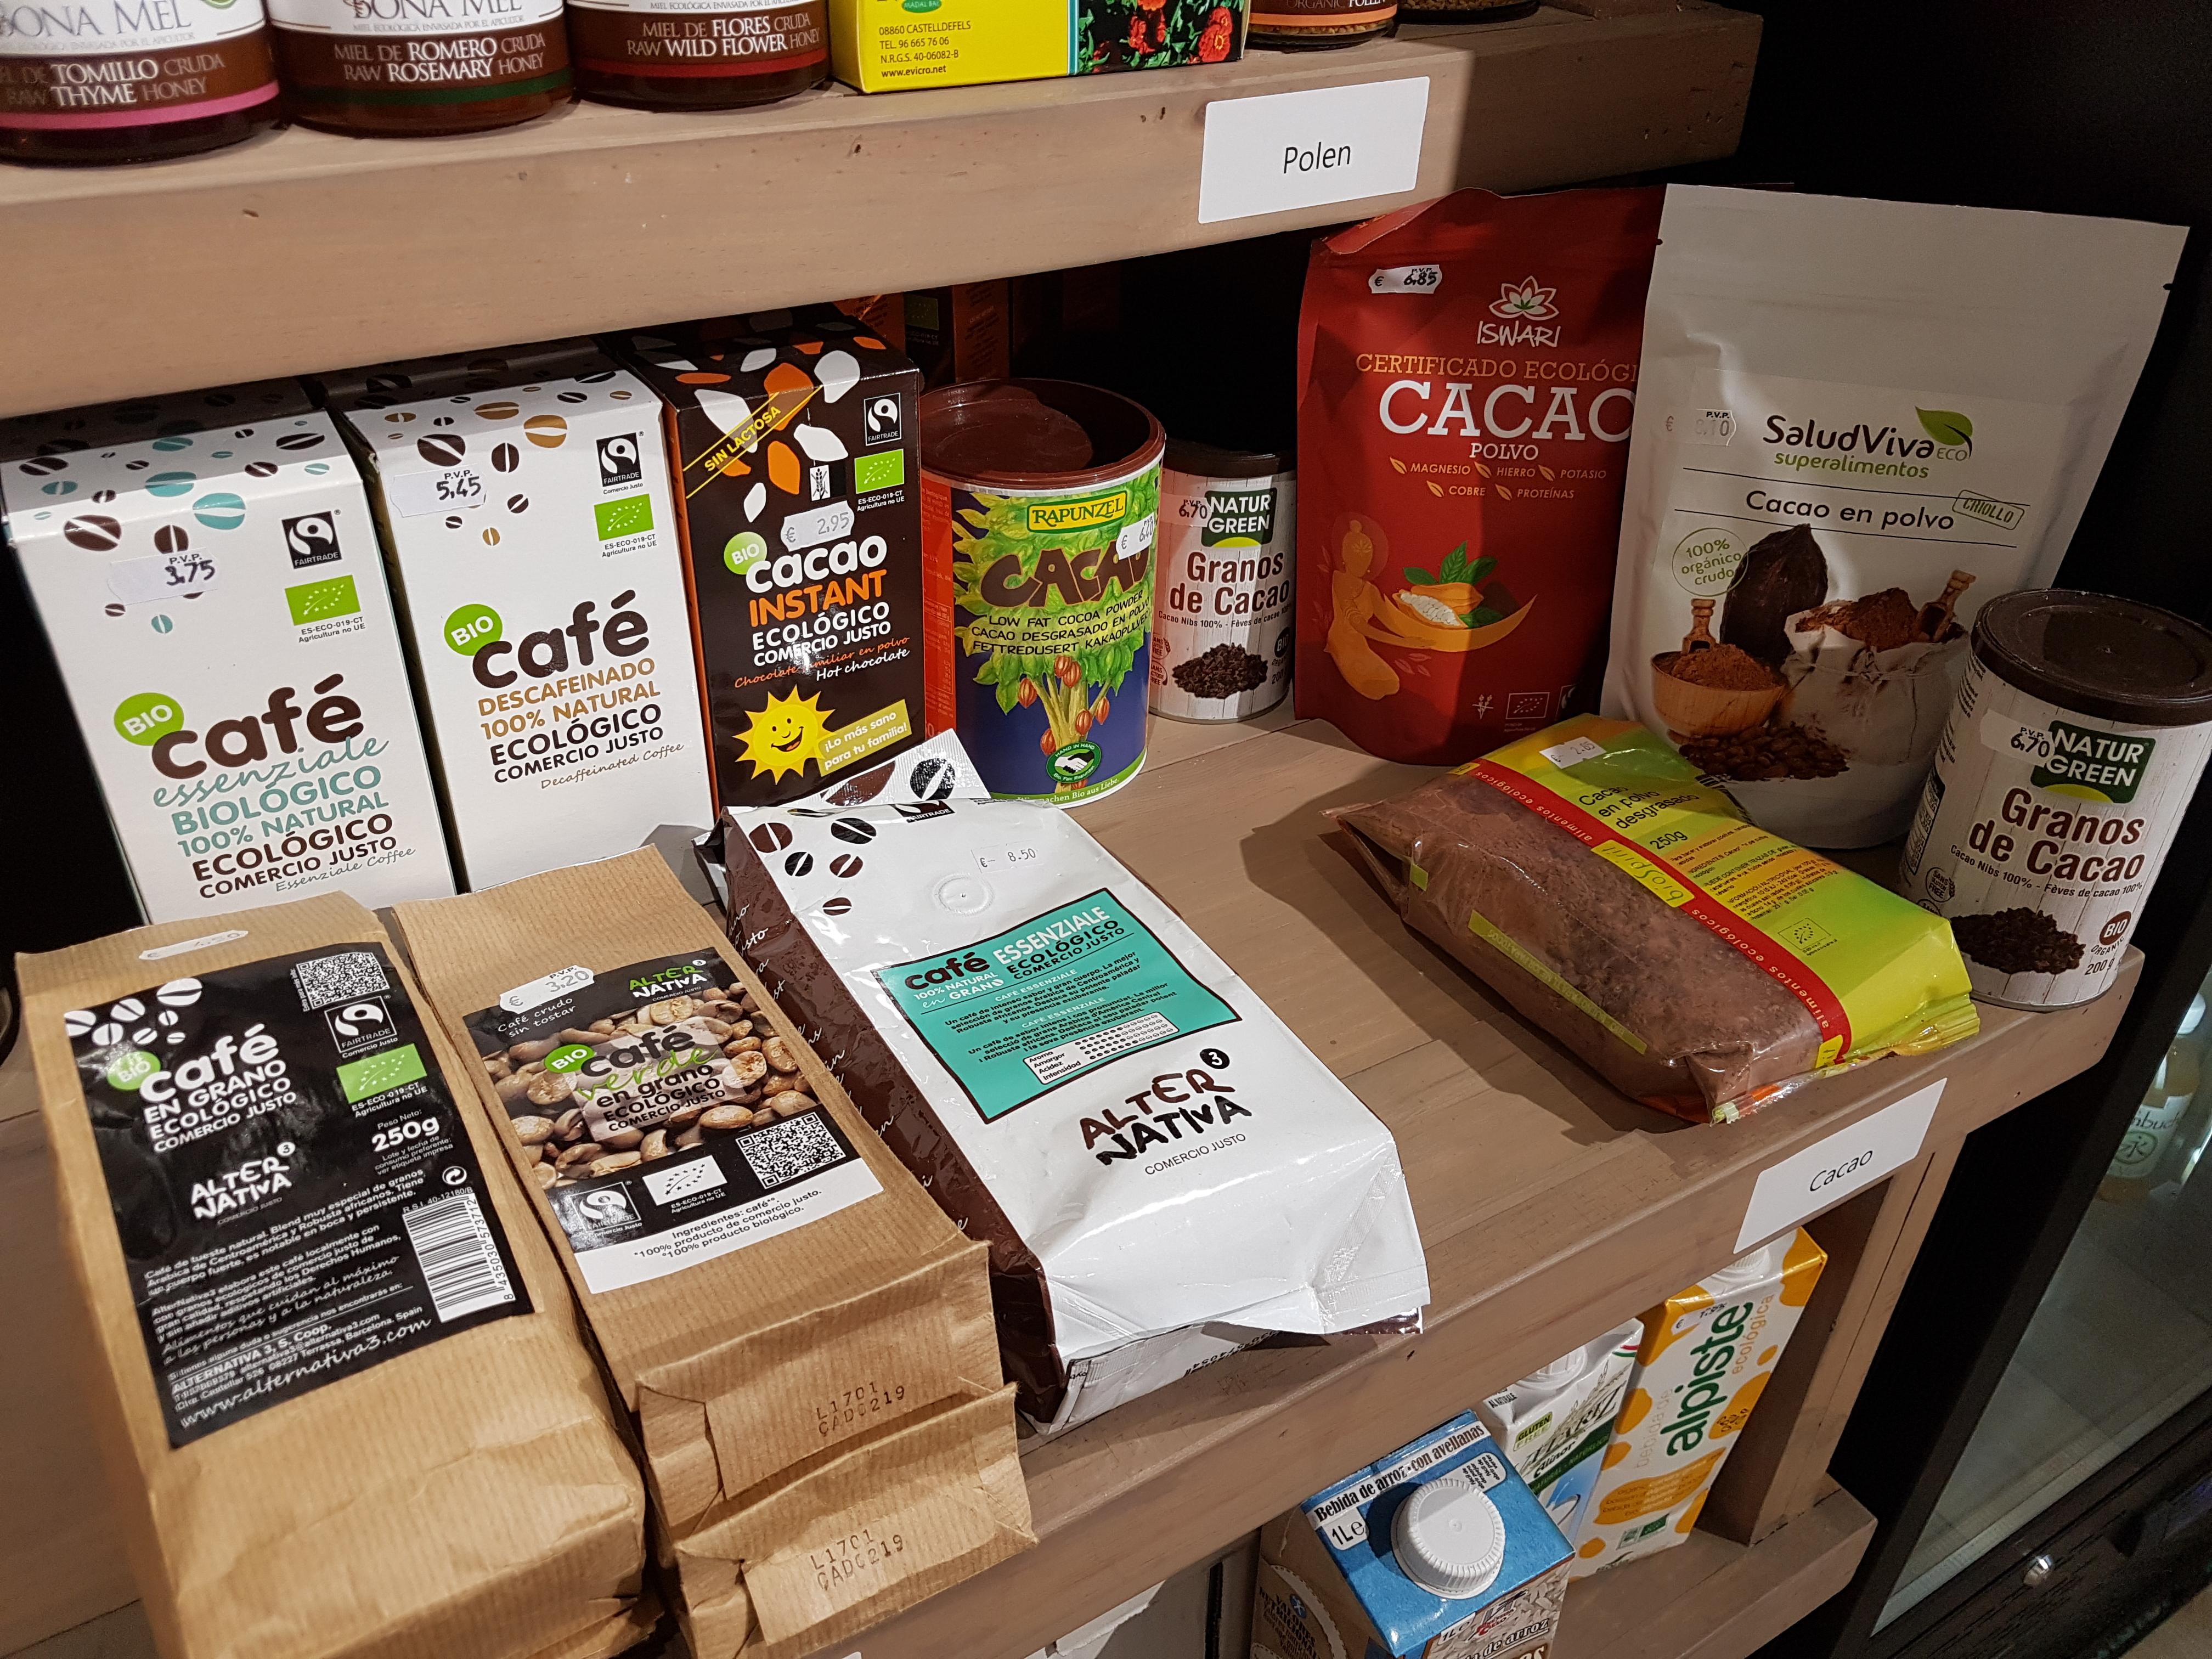 Cafe y cacao bio